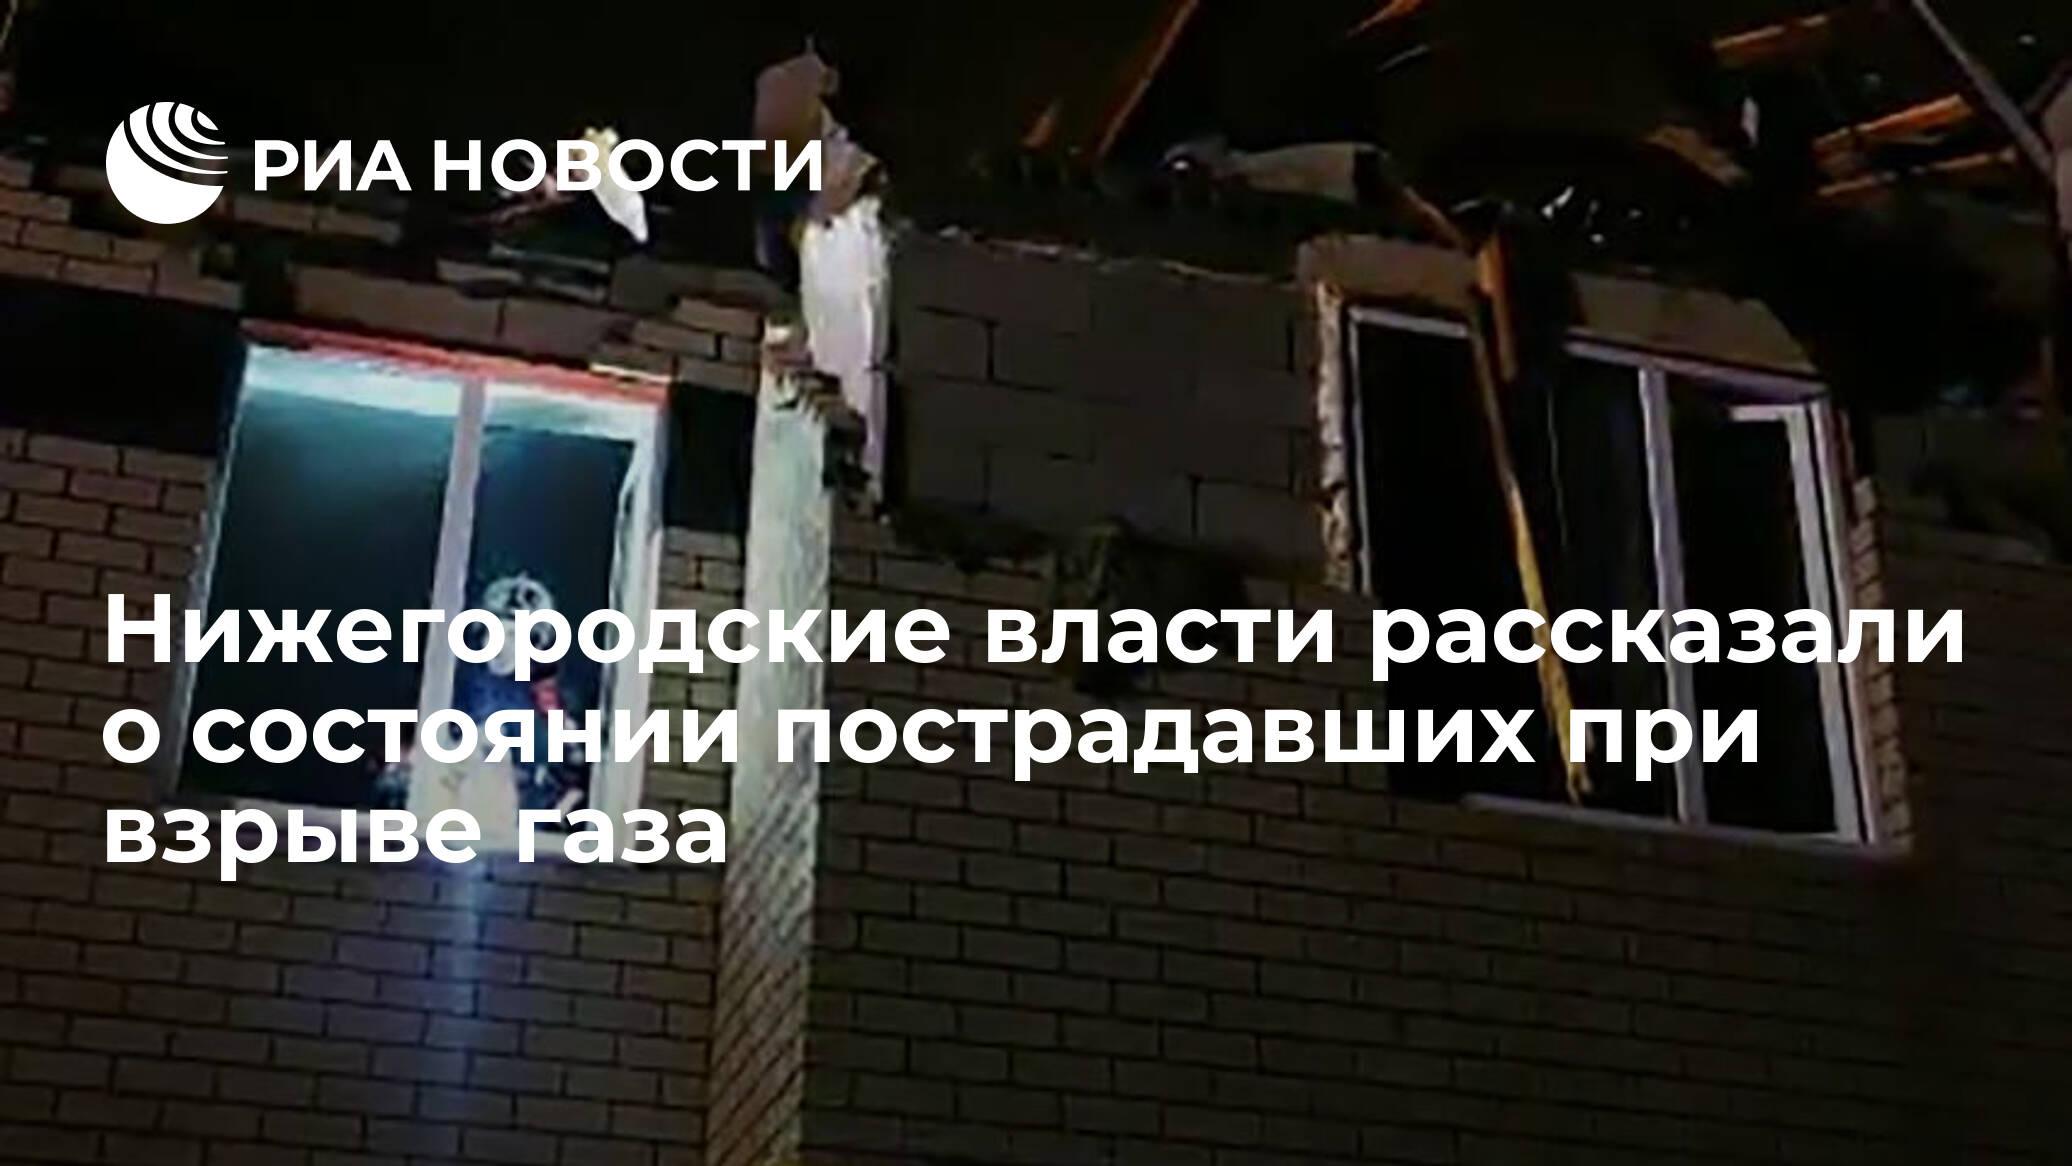 Нижегородские власти рассказали о состоянии пострадавших при взрыве газа